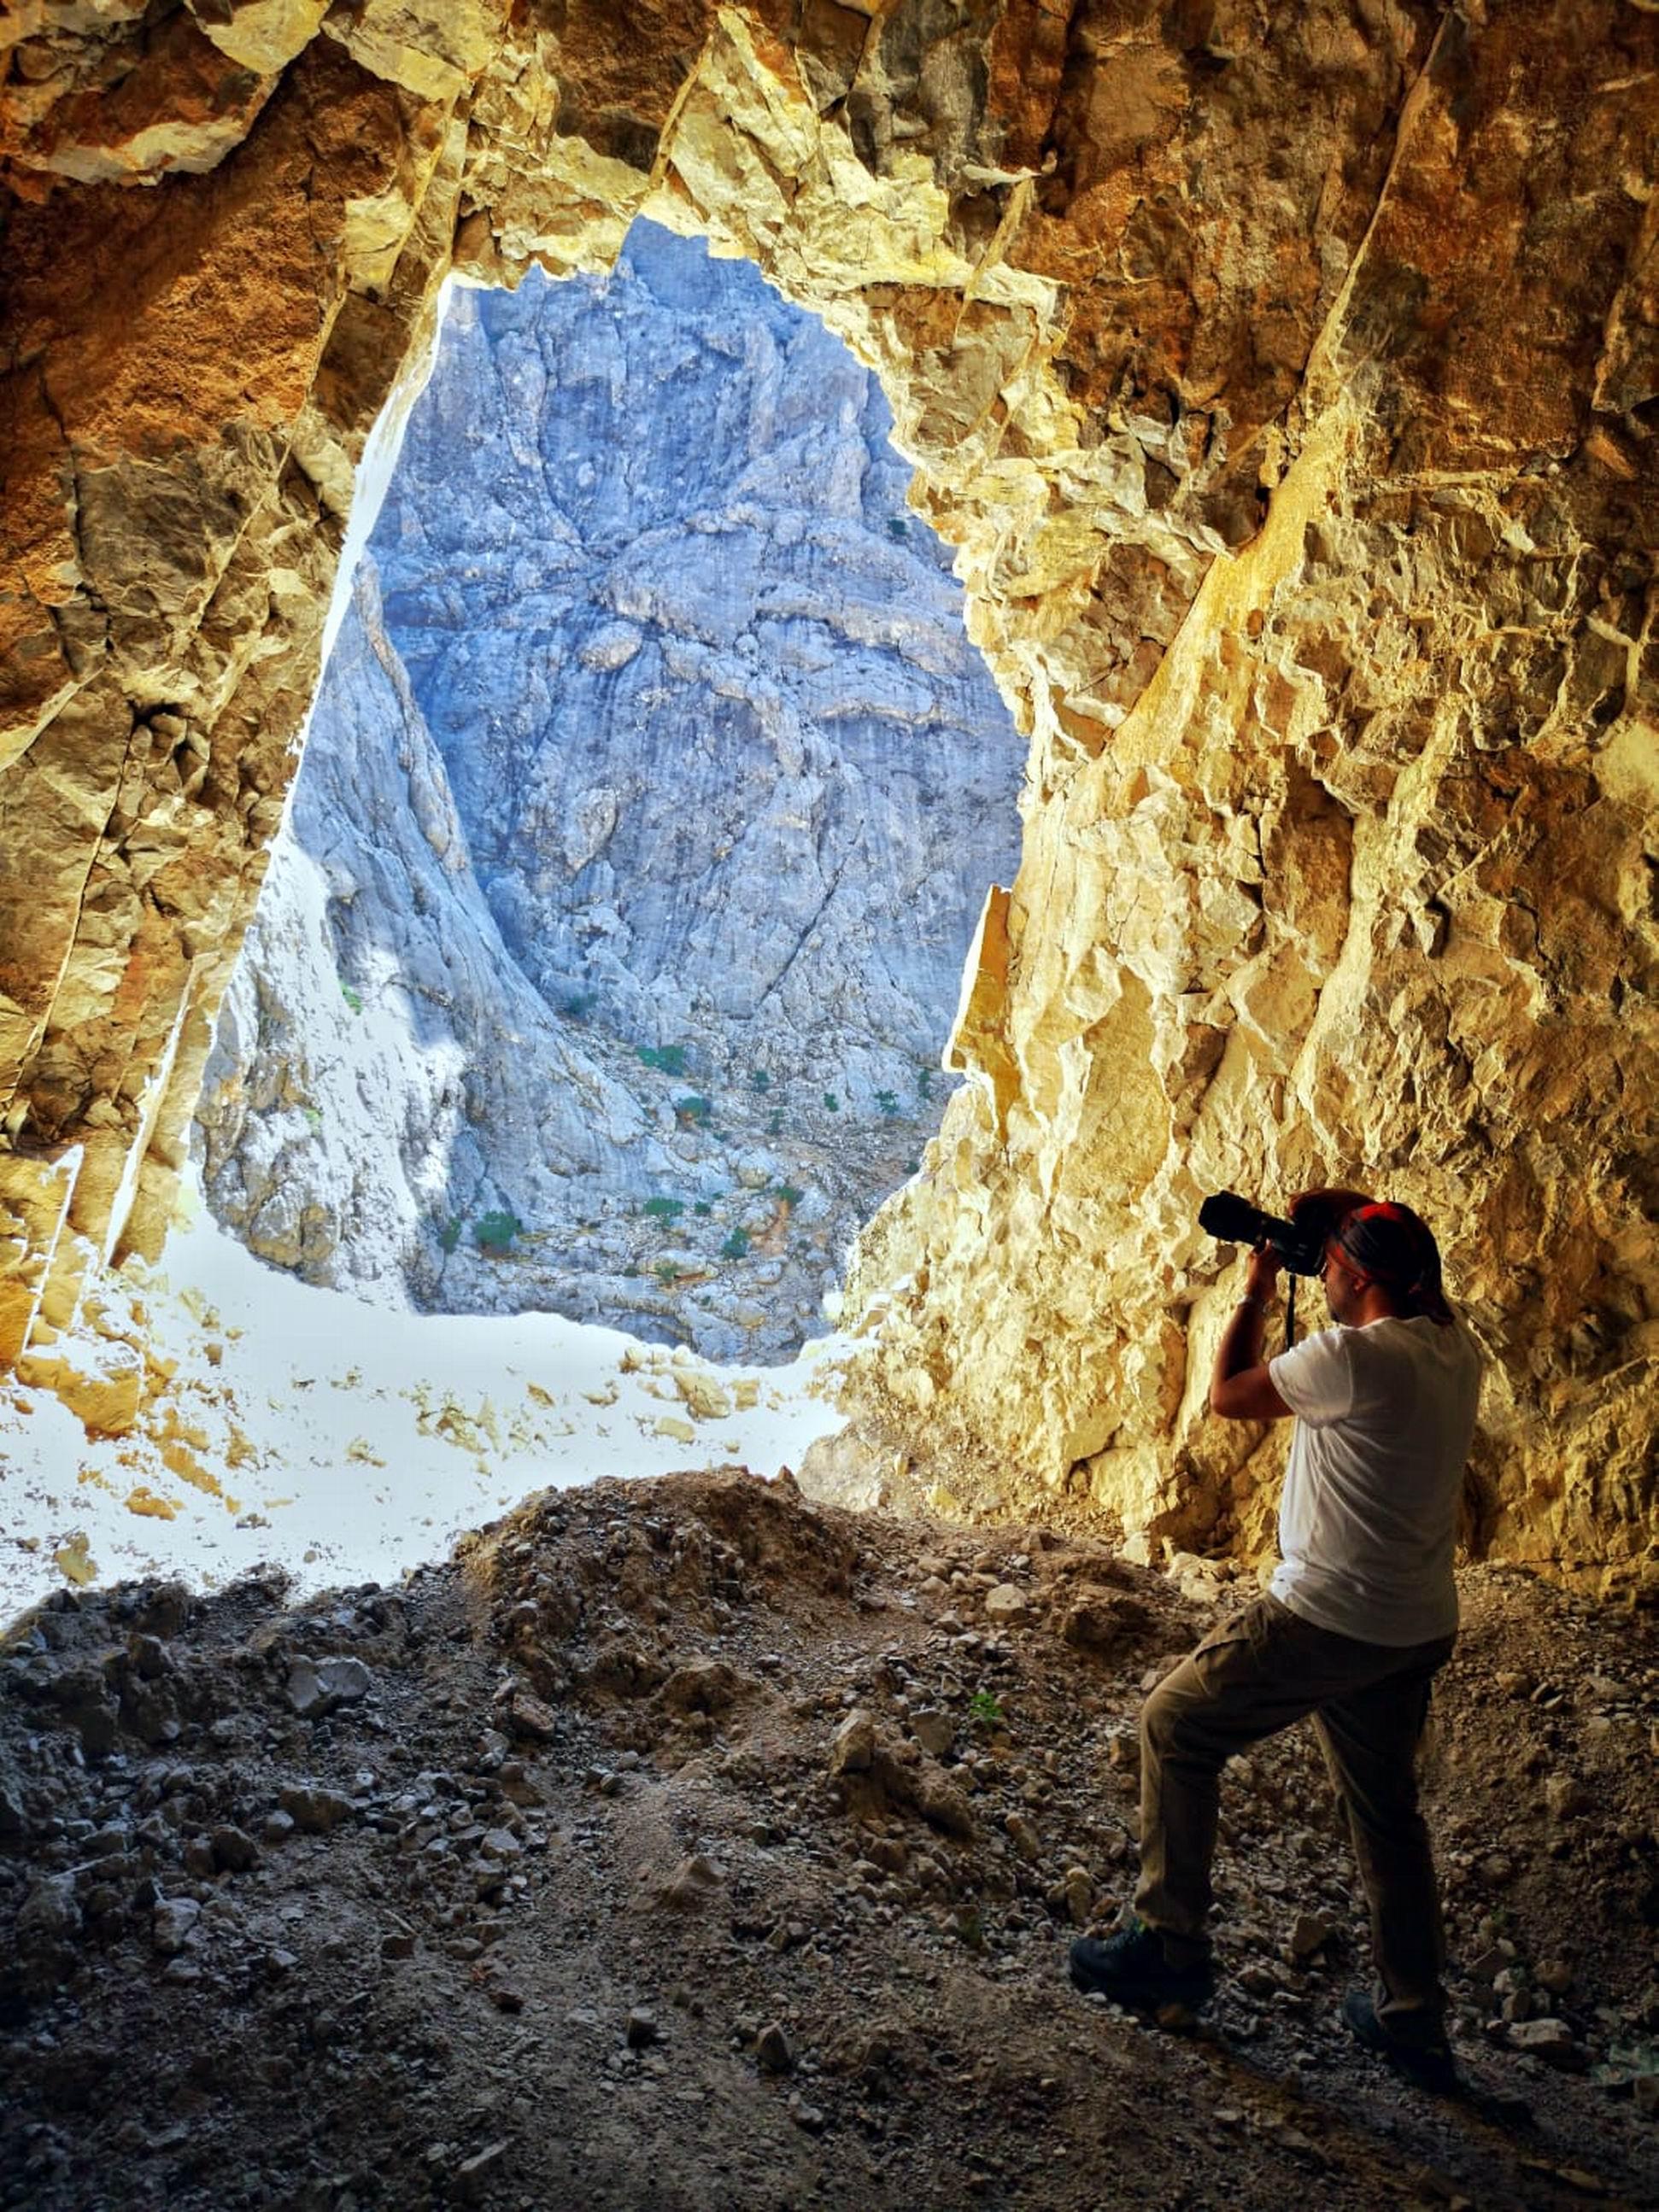 Maceraperestlerin vazgeçilmez adresi: Erzincan Kemaliye Karanlık Kanyon